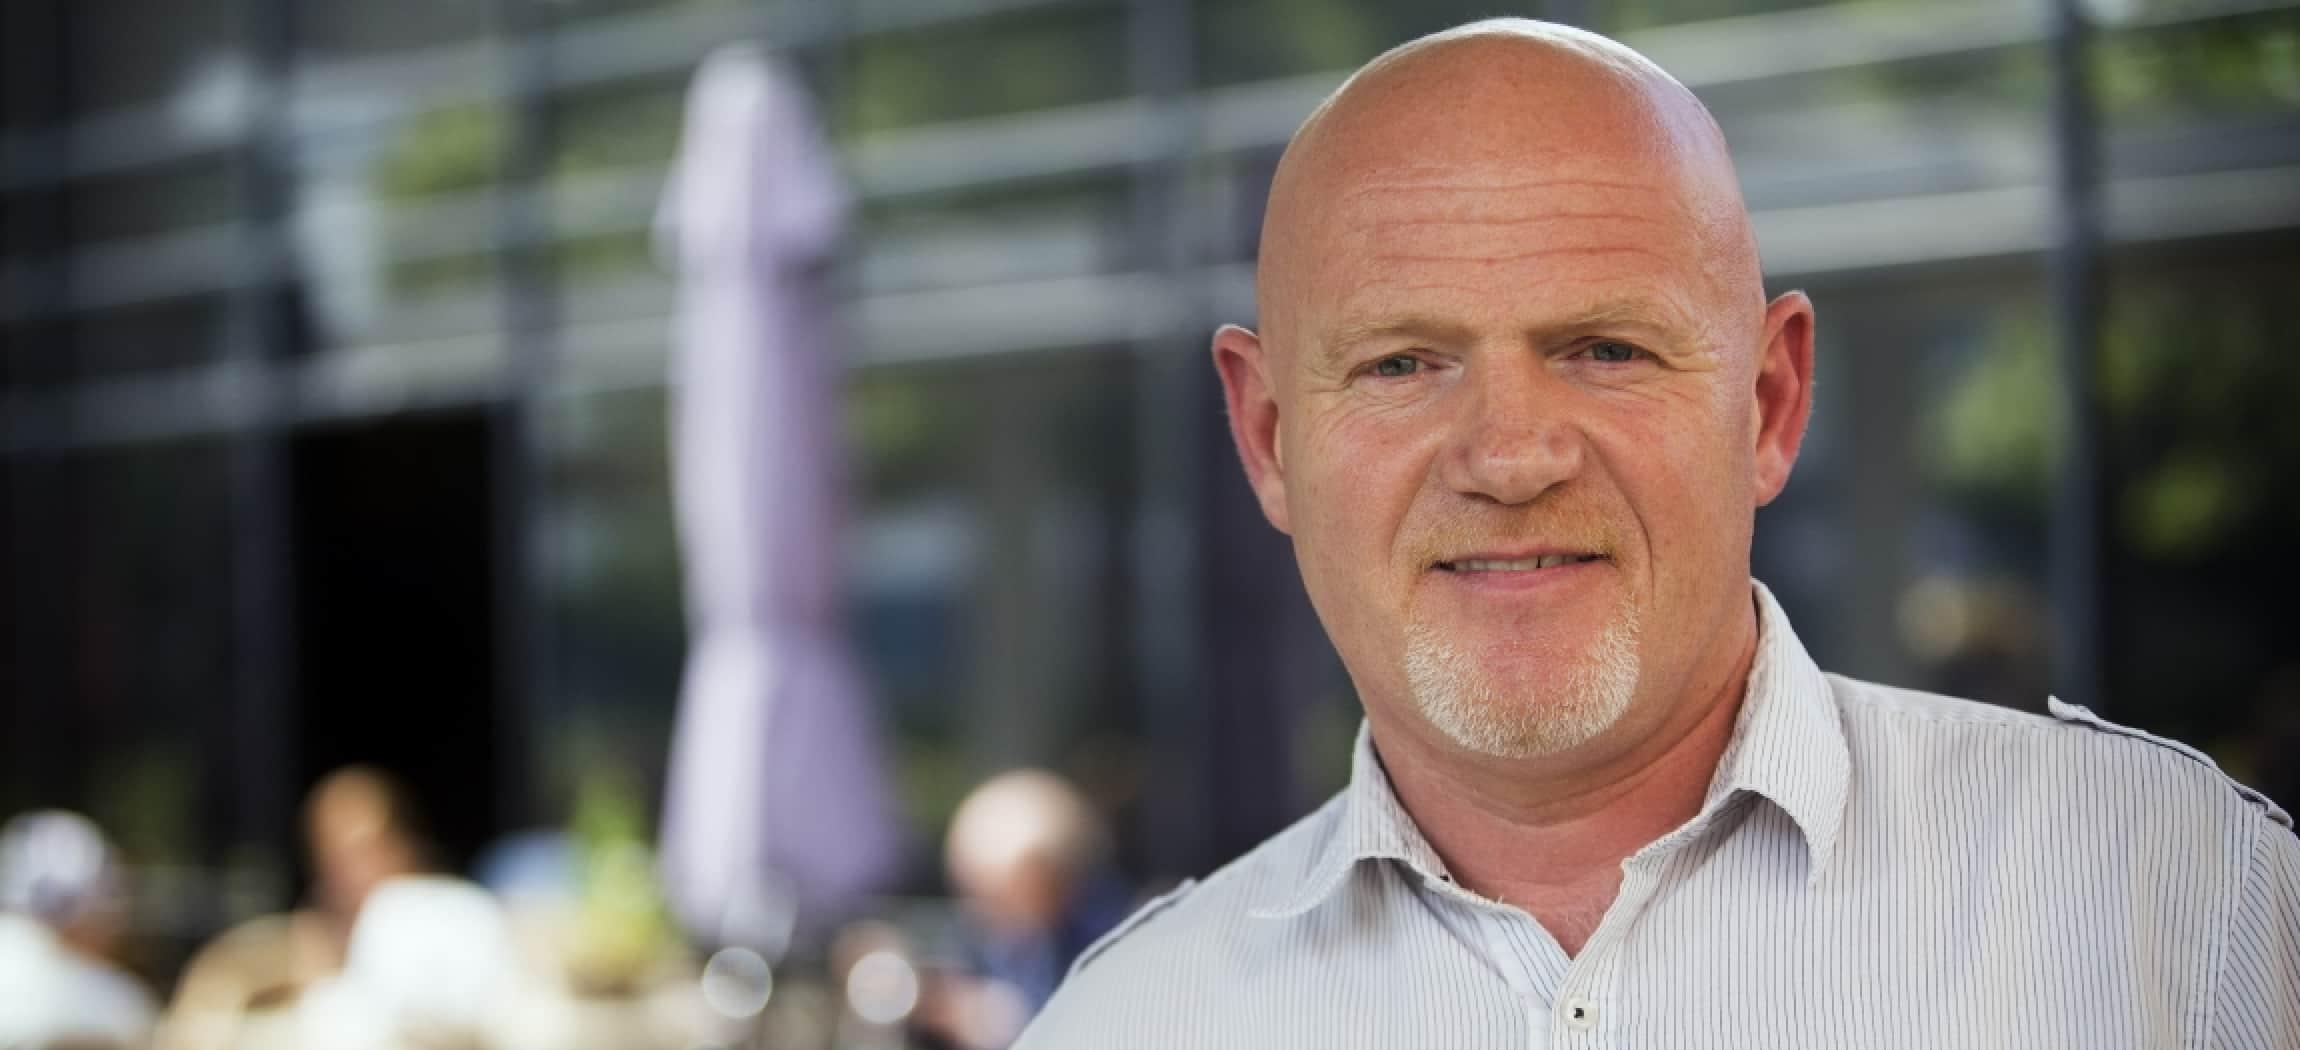 Wim Schoonderbeek stapte over van de vleessector naar de zorgsector bij Amstelring